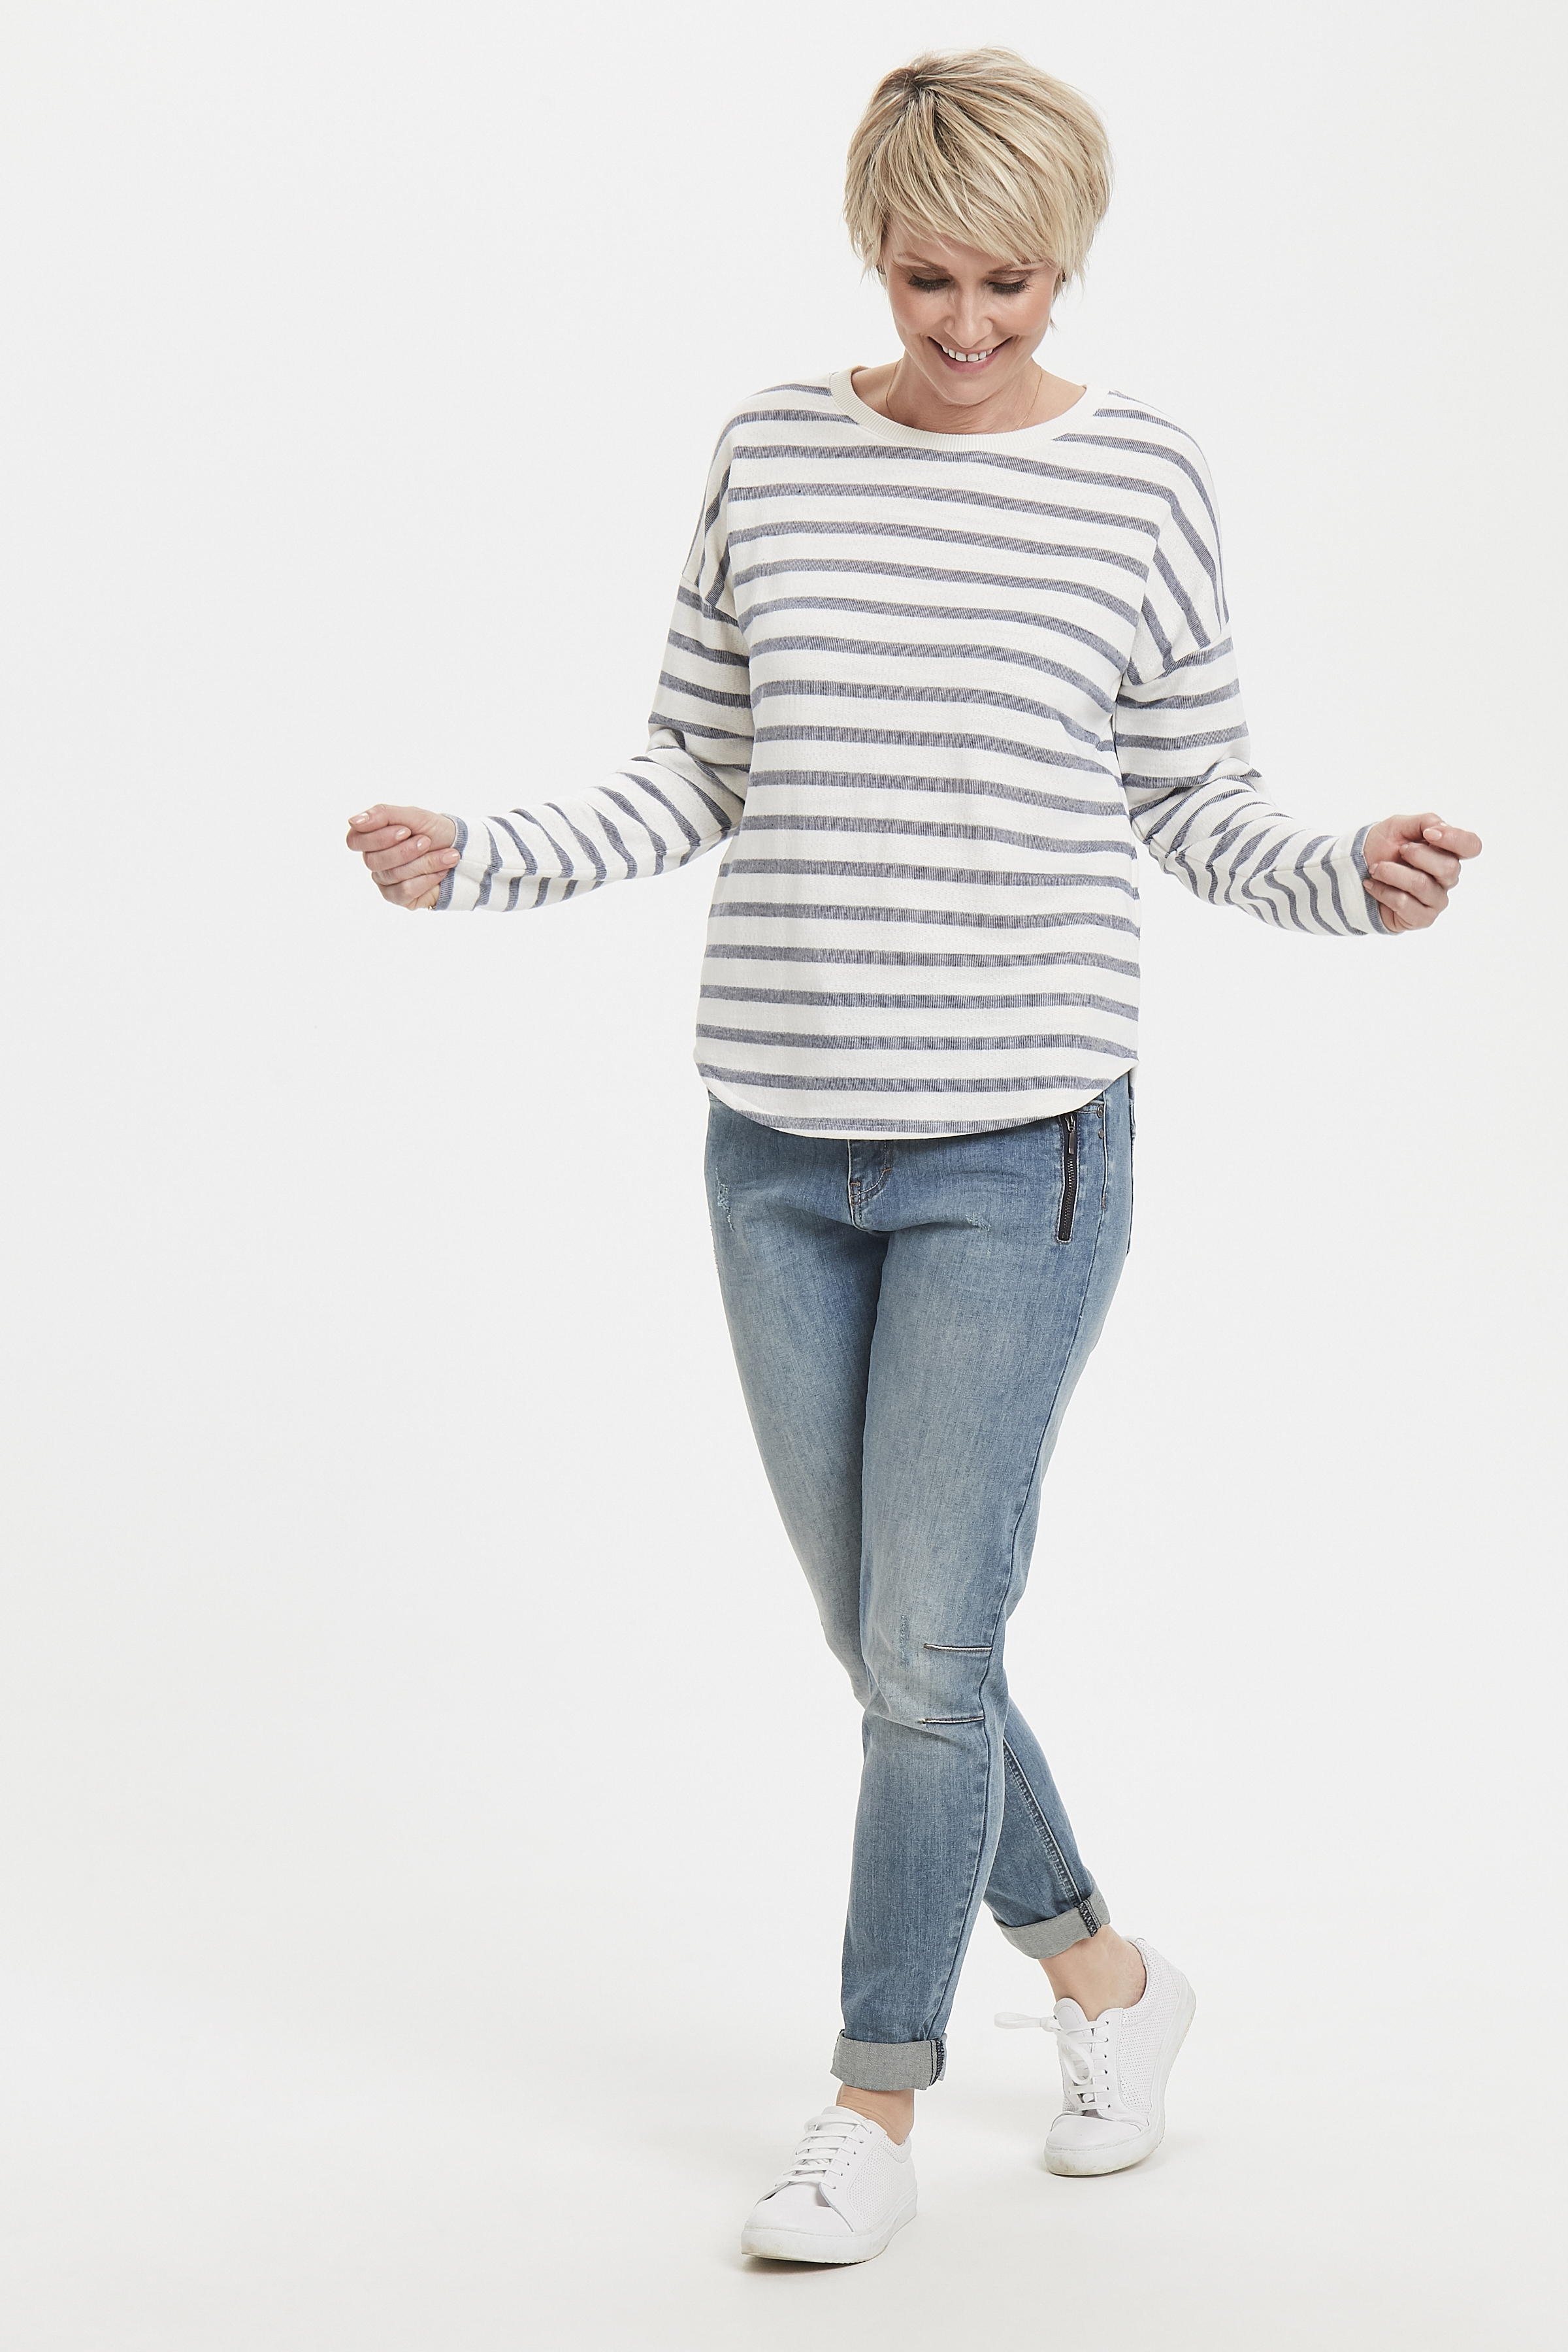 Wollweiß/marineblau Sweatshirt von Bon'A Parte – Shoppen Sie Wollweiß/marineblau Sweatshirt ab Gr. S-2XL hier